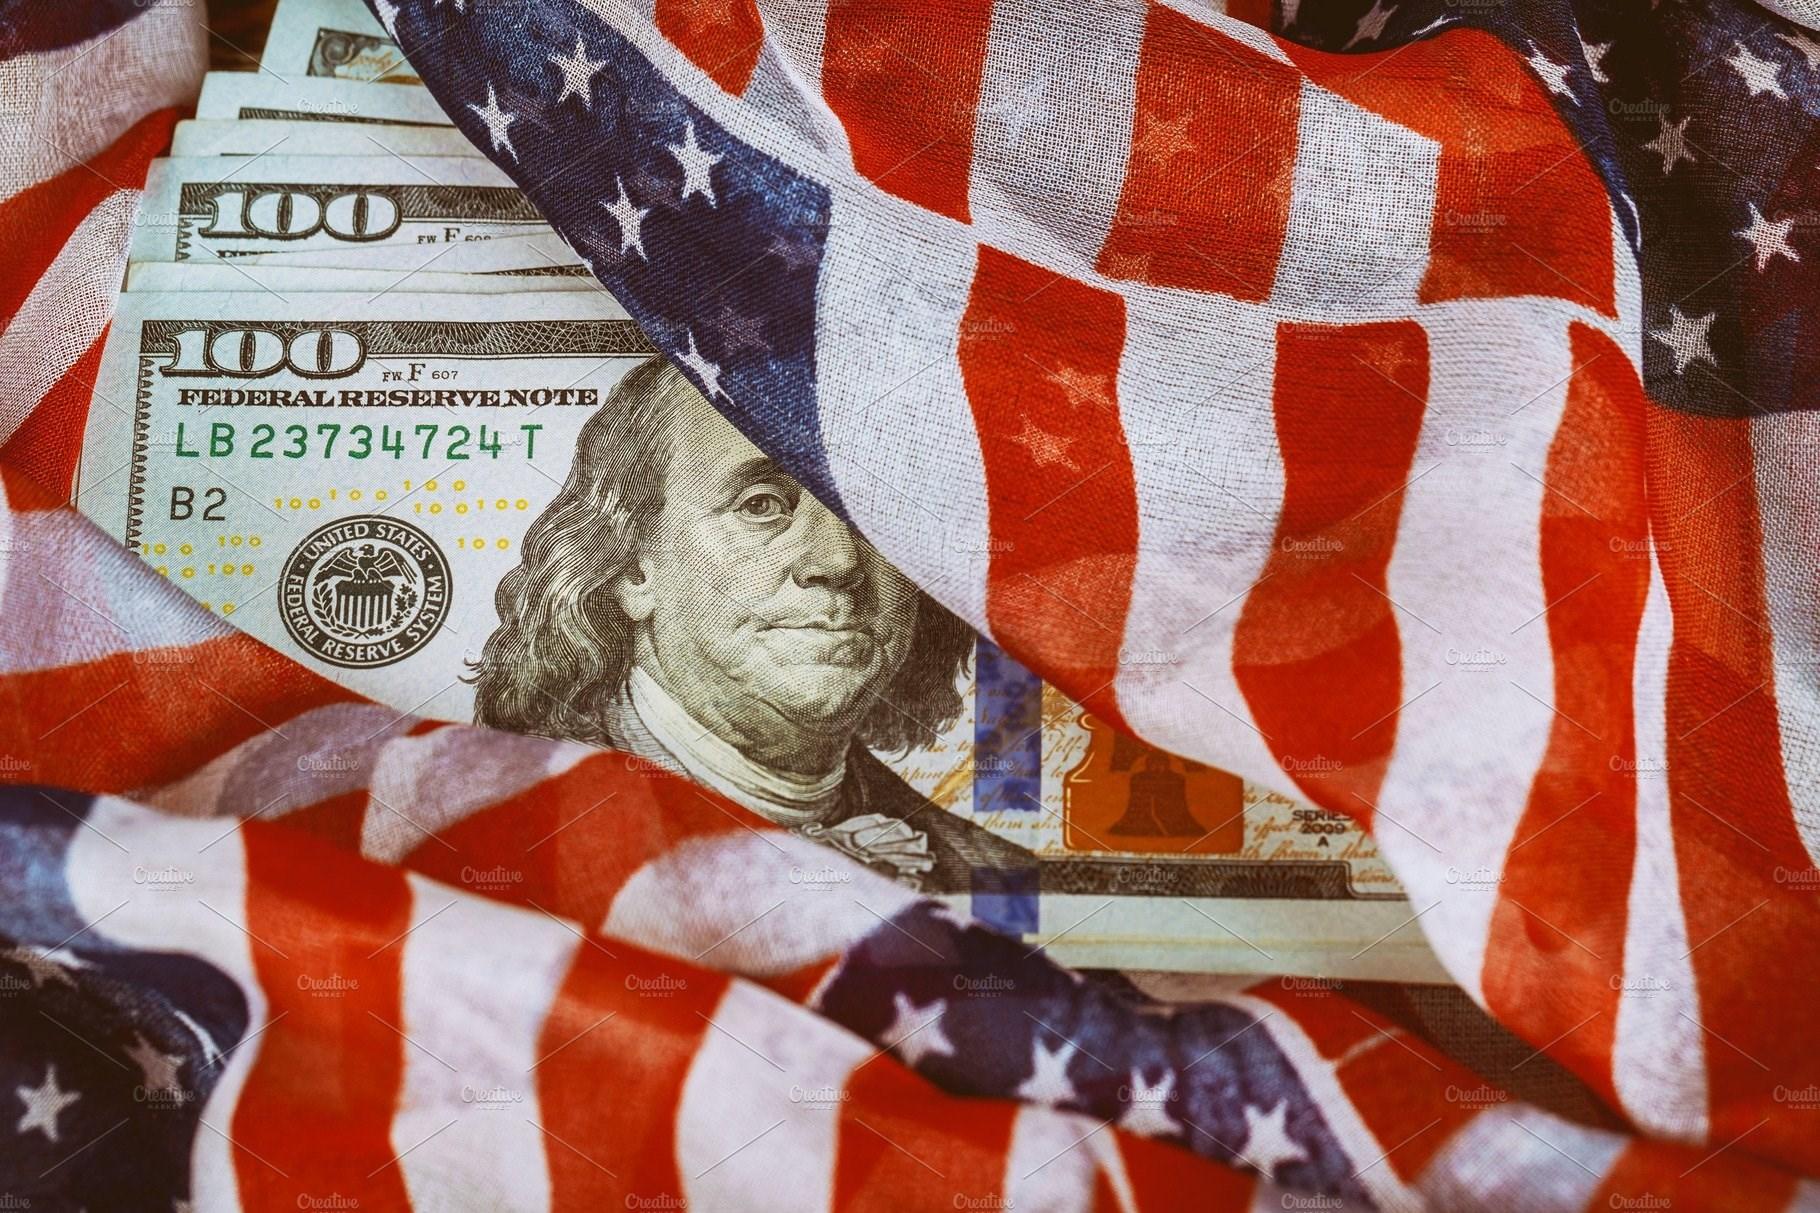 دراسة: ثروات مليارديرات أميركا تقفز بأكثر من تريليون دولار في زمن الجائحة